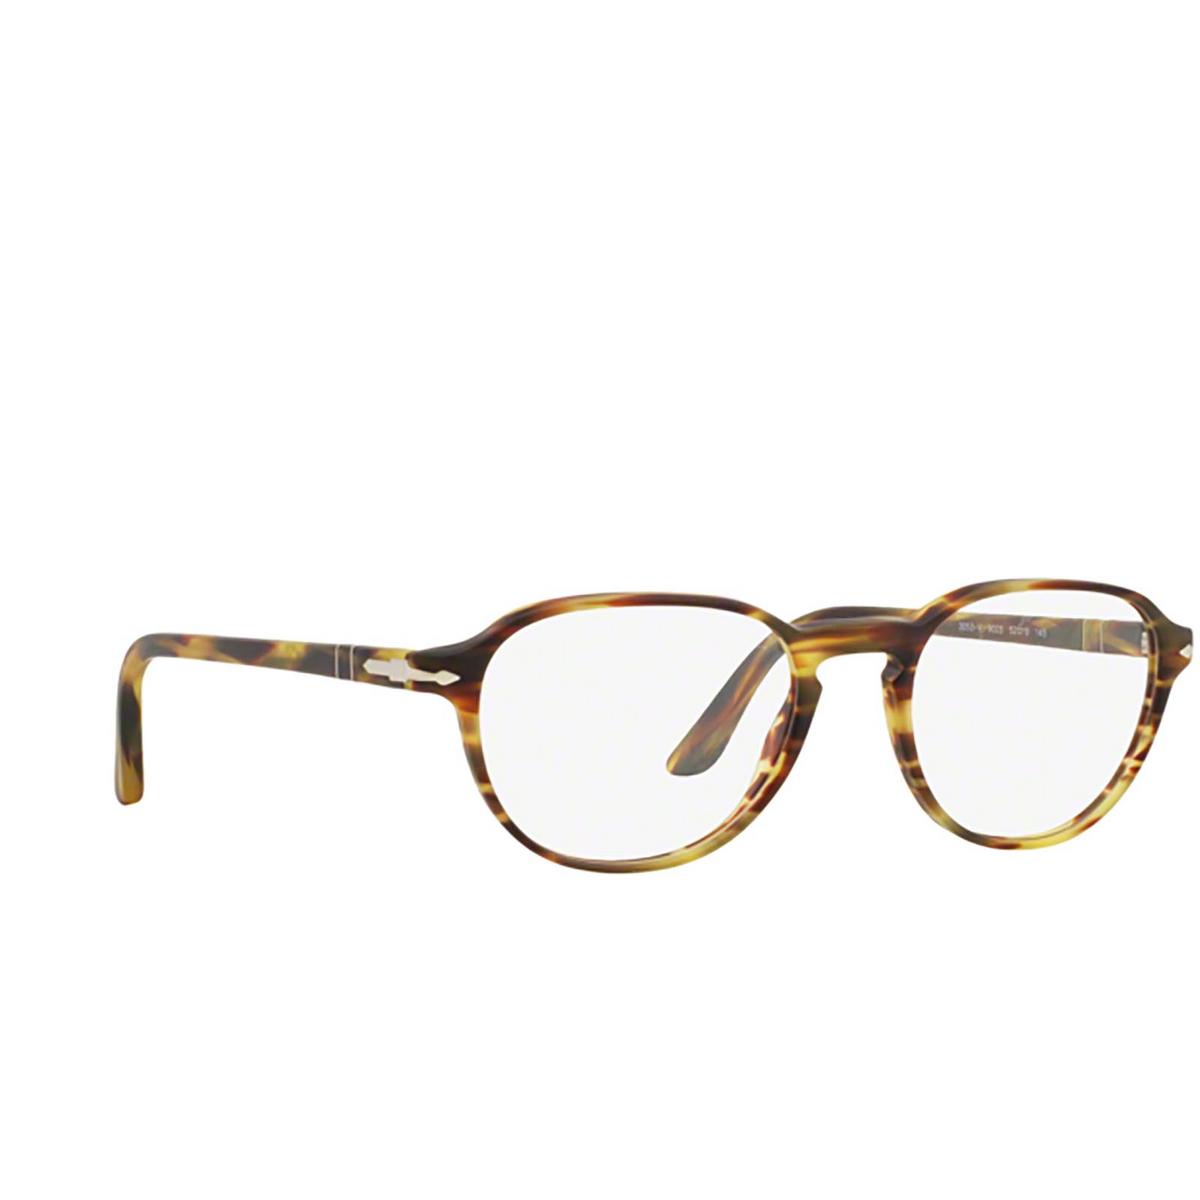 Persol® Square Eyeglasses: PO3053V color Havana 24 - three-quarters view.